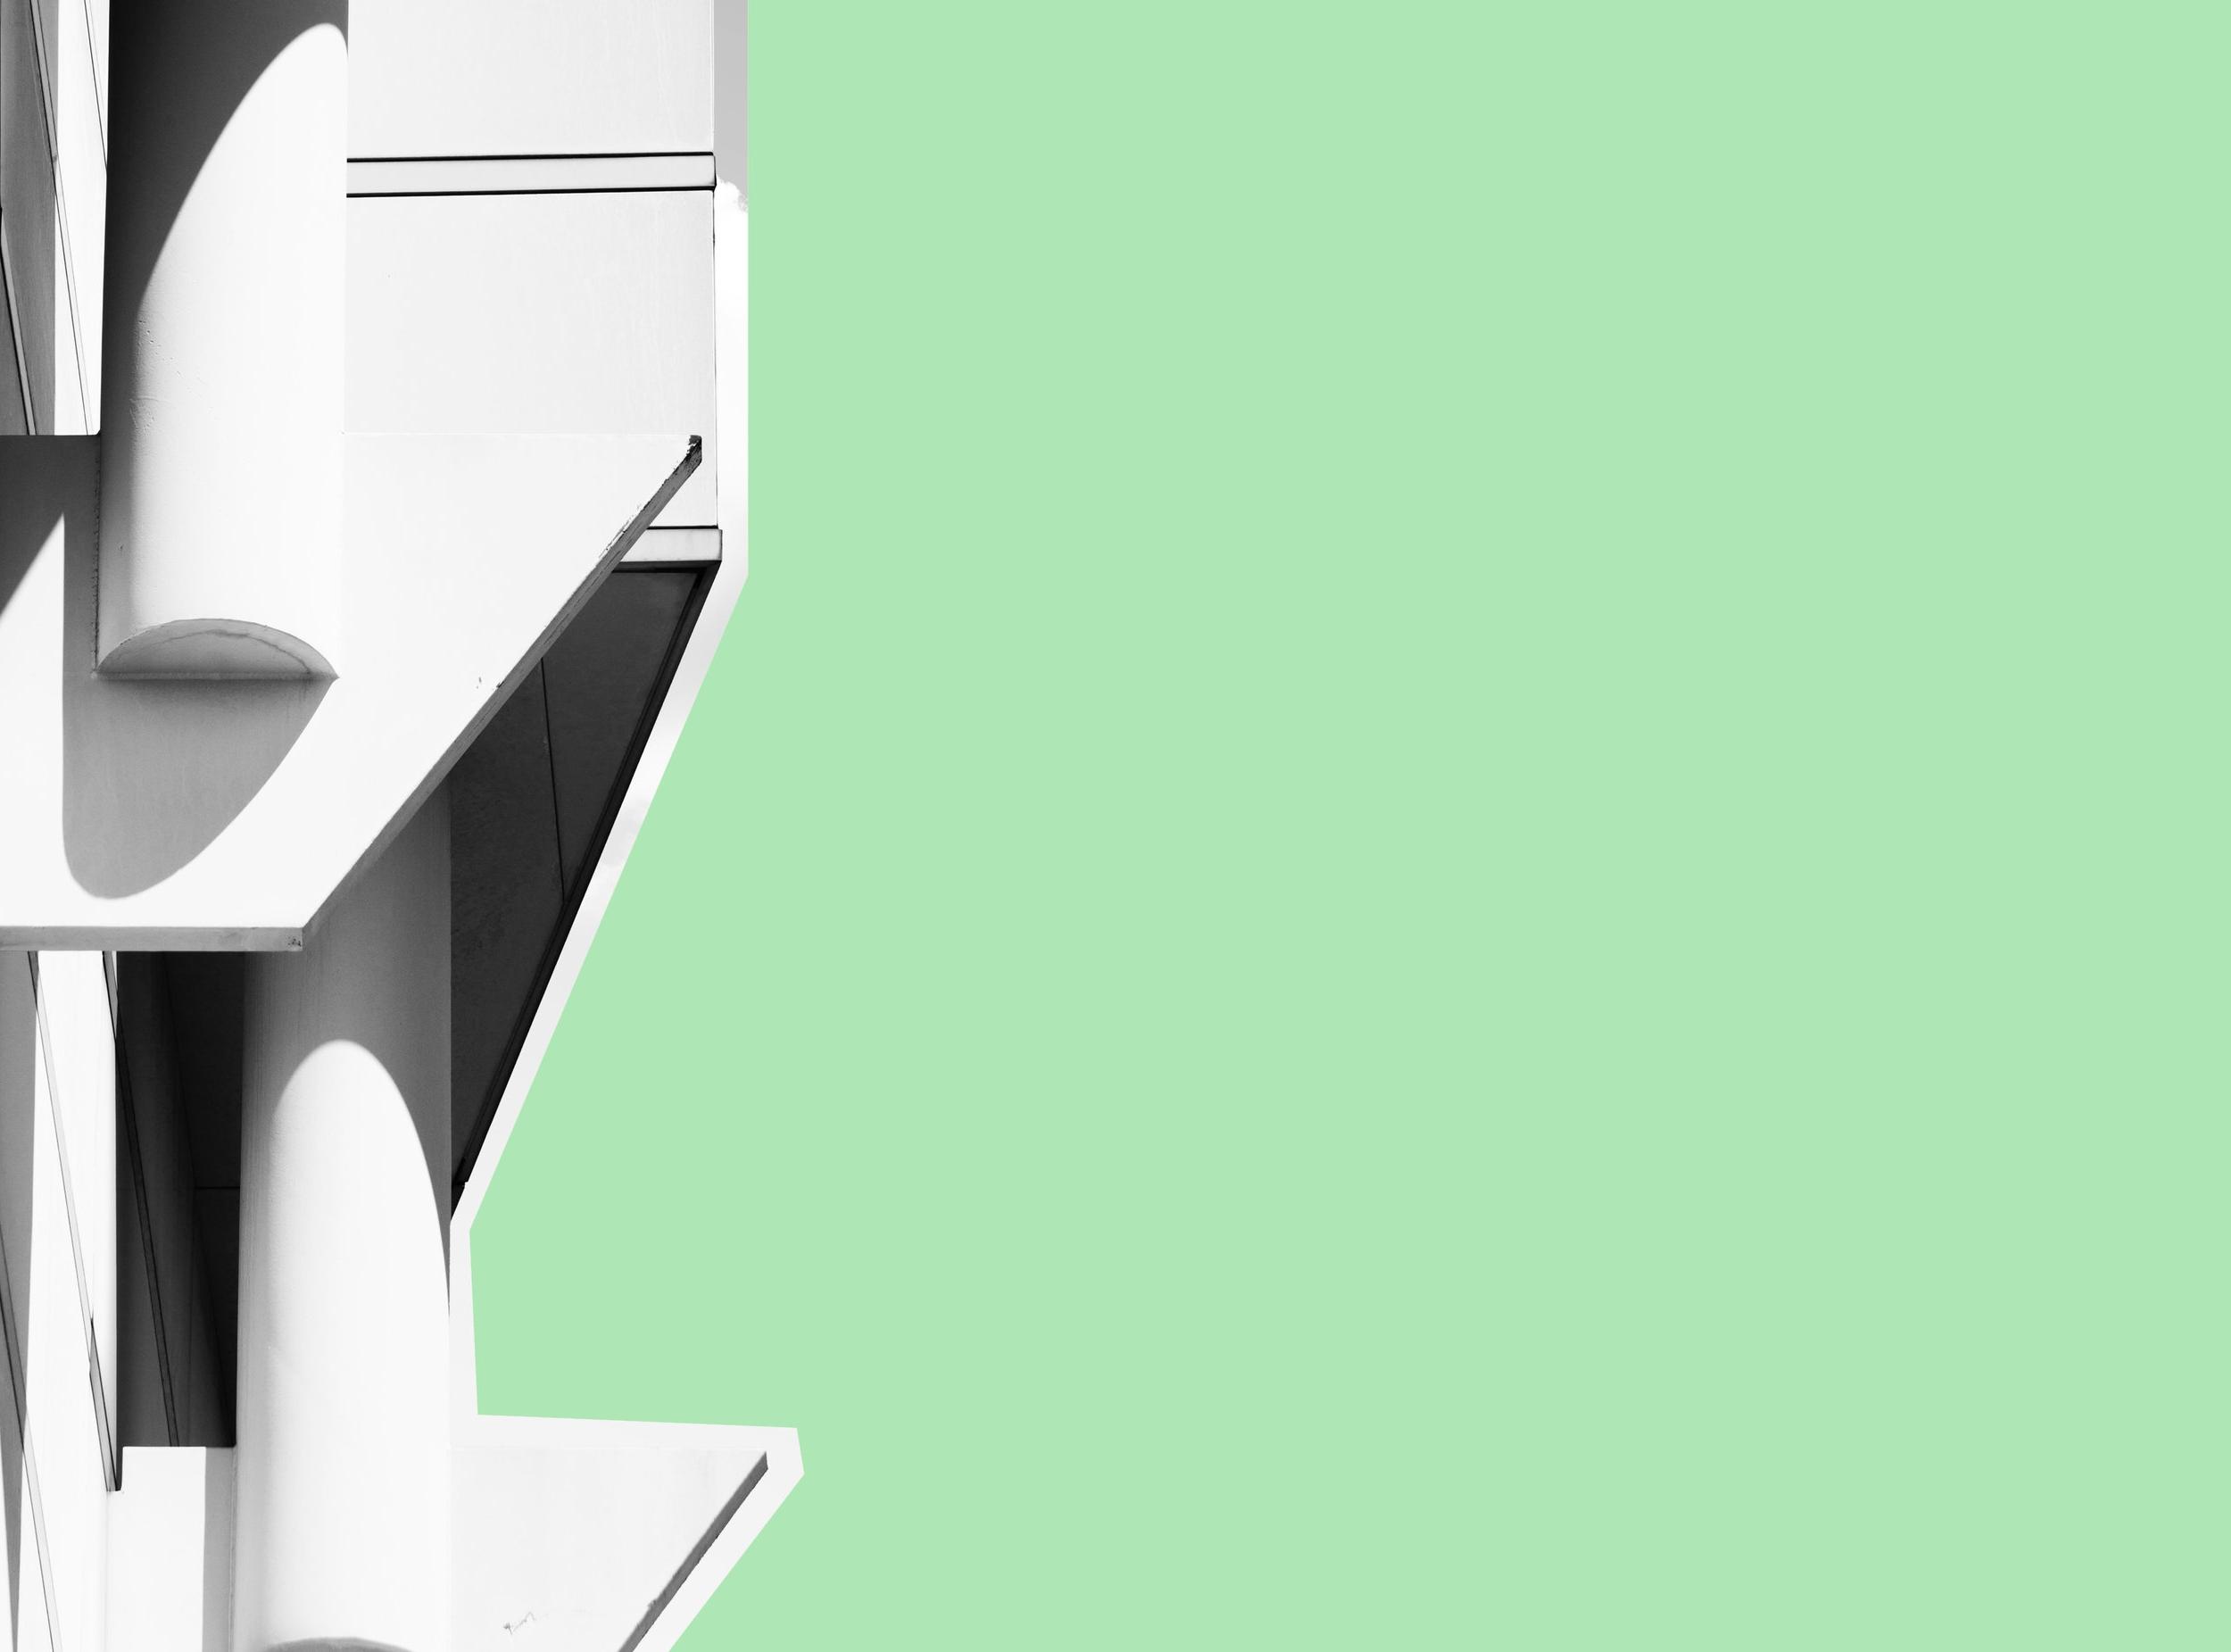 DIREZIONE LAVORI FABBRICATI CERTIFICATI - Offriamo il controllo dei lavori durante le fasi di realizzazione degli edifici assoggettati a certificazione, volta al controllo di tempi, materiali, costi e qualità, in conformità al progetto e alla normativa.